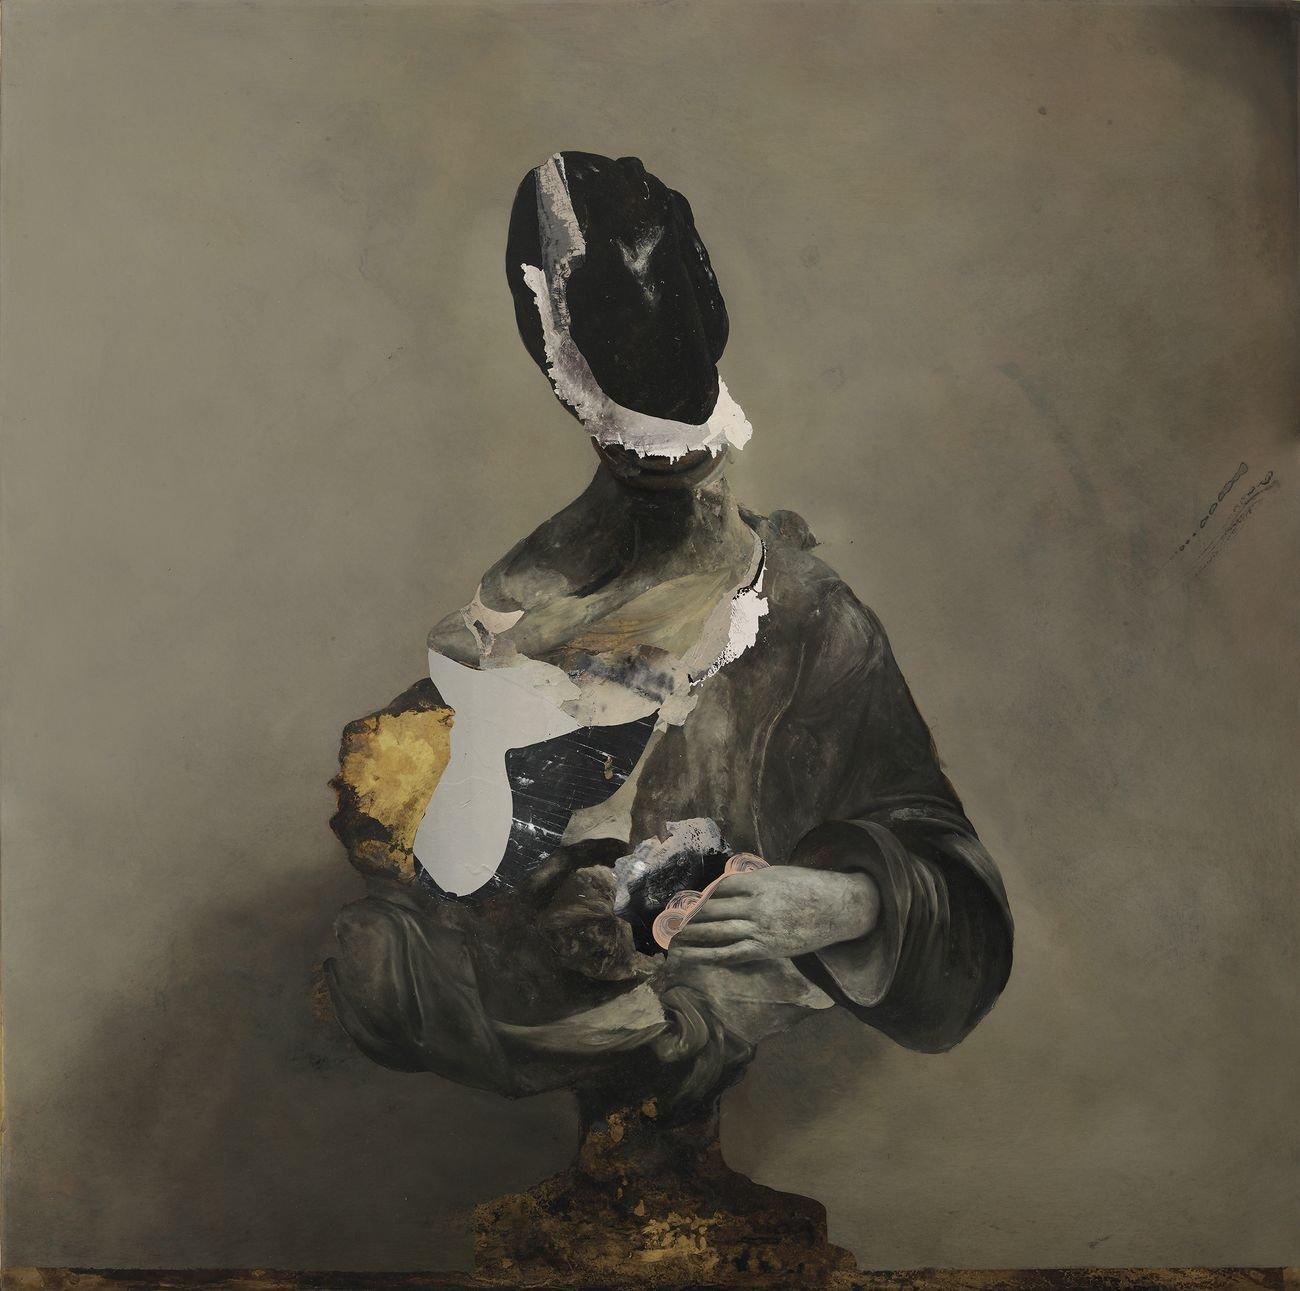 Nicola Samorì, Pentesilea, 2018, olio su ottone. Courtesy EIGEN+ART, Berlino Lipsia